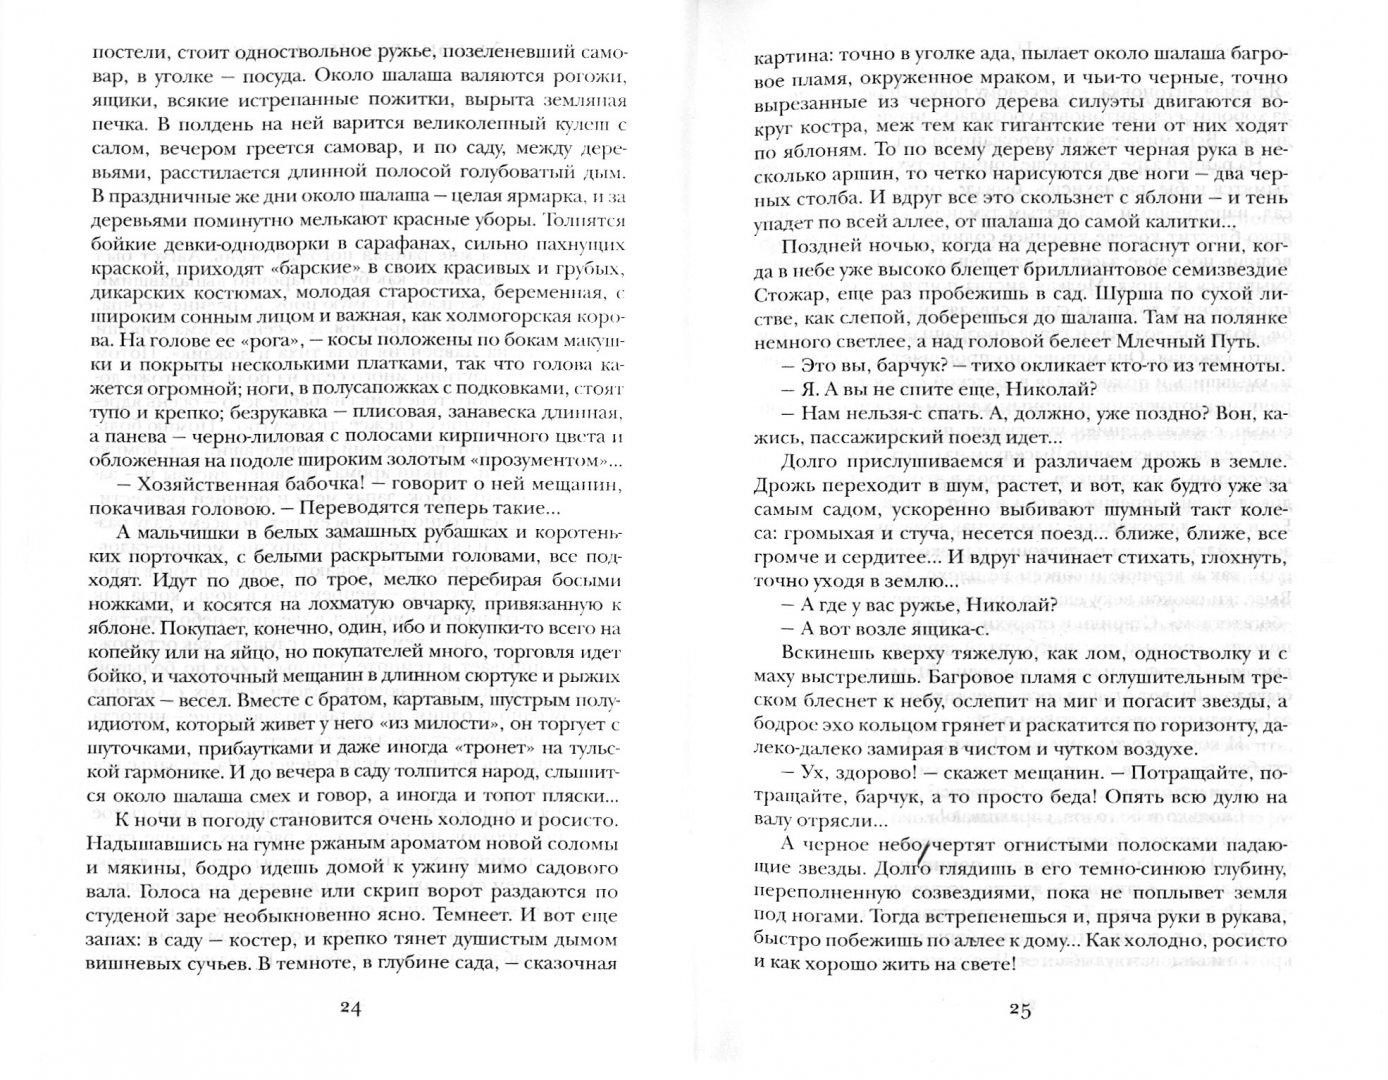 Иллюстрация 1 из 4 для Окаянные дни - Иван Бунин | Лабиринт - книги. Источник: Лабиринт